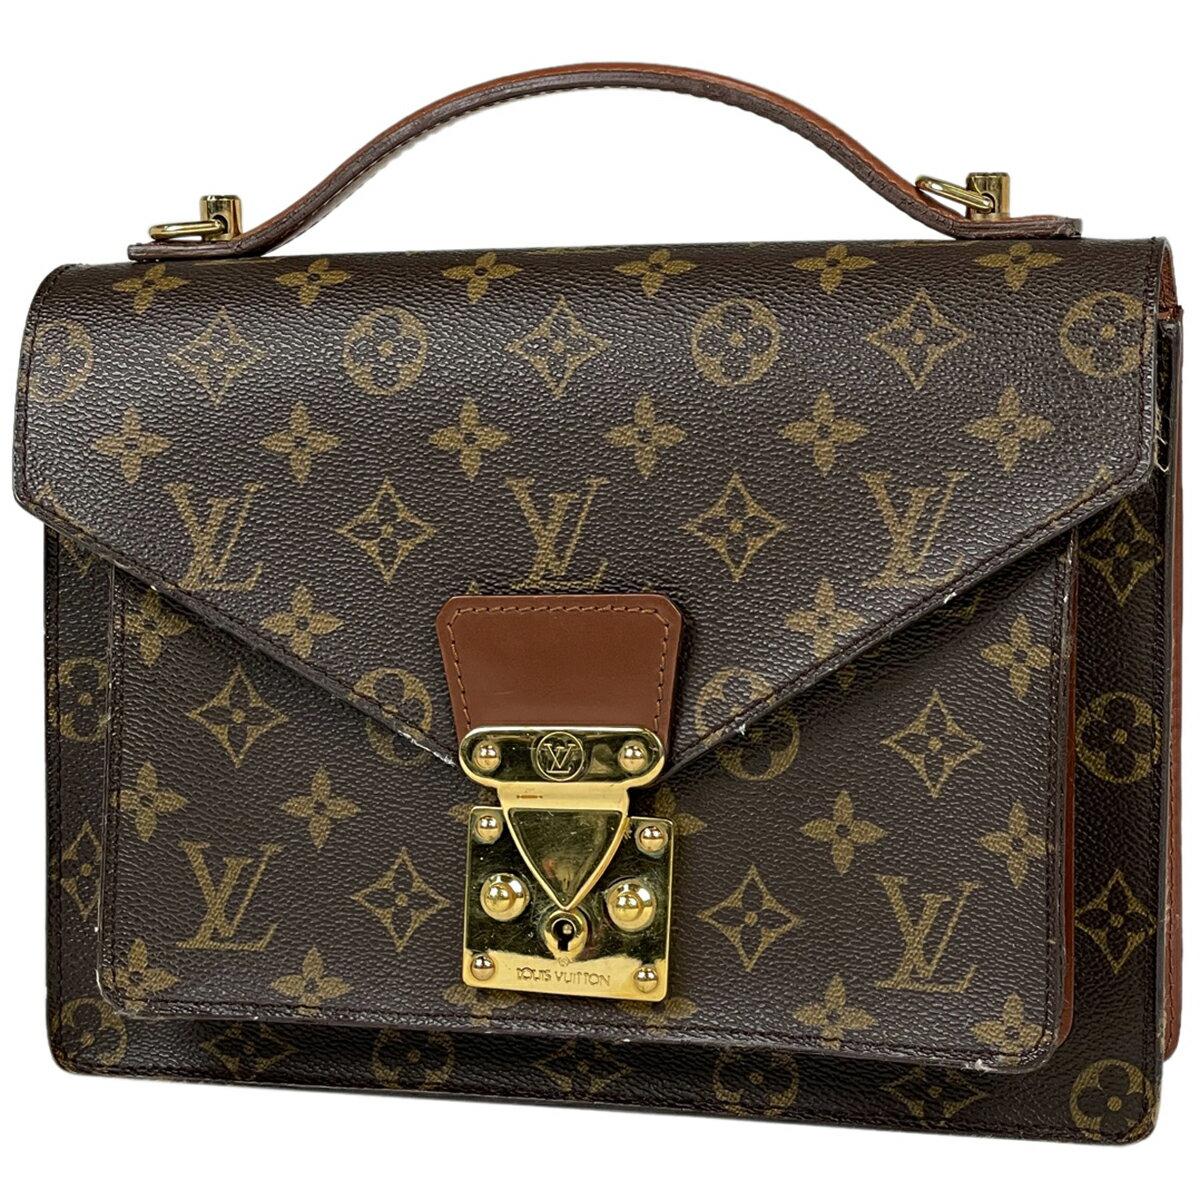 レディースバッグ, ハンドバッグ  Louis Vuitton 26 2WAY M51187